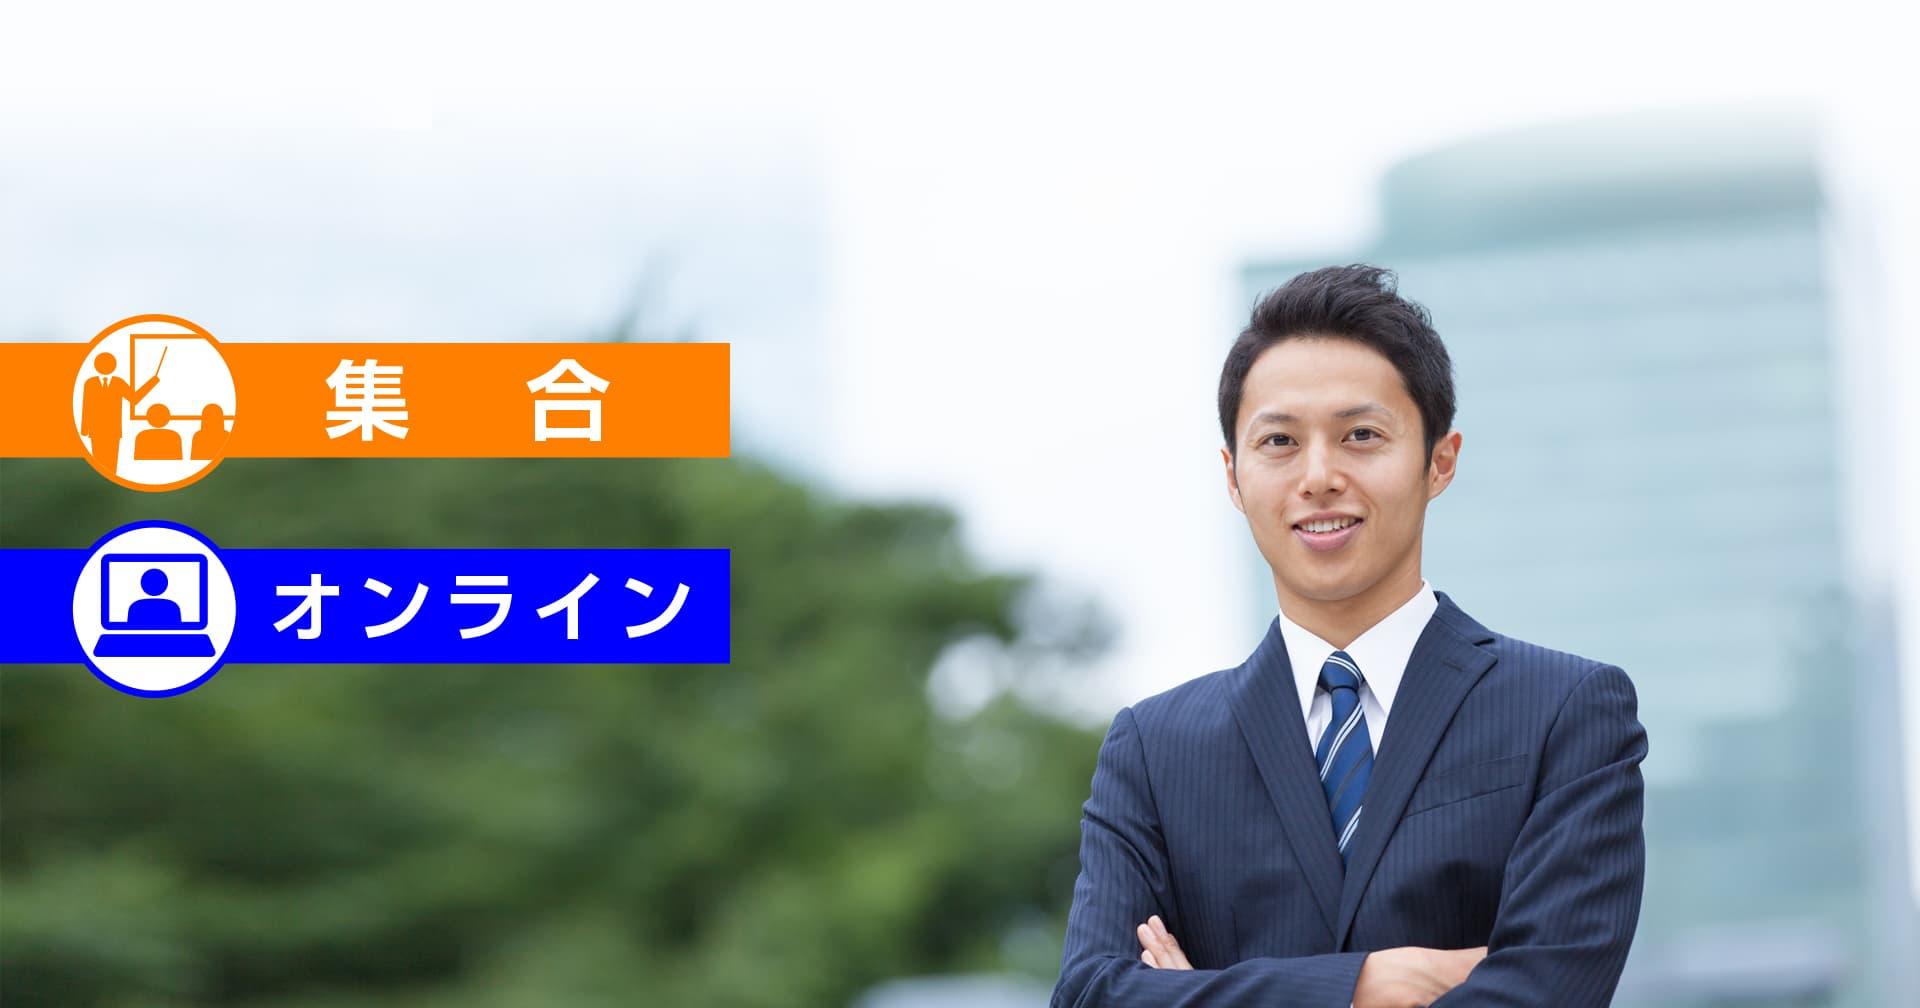 課長研修 マネジメント革新コース